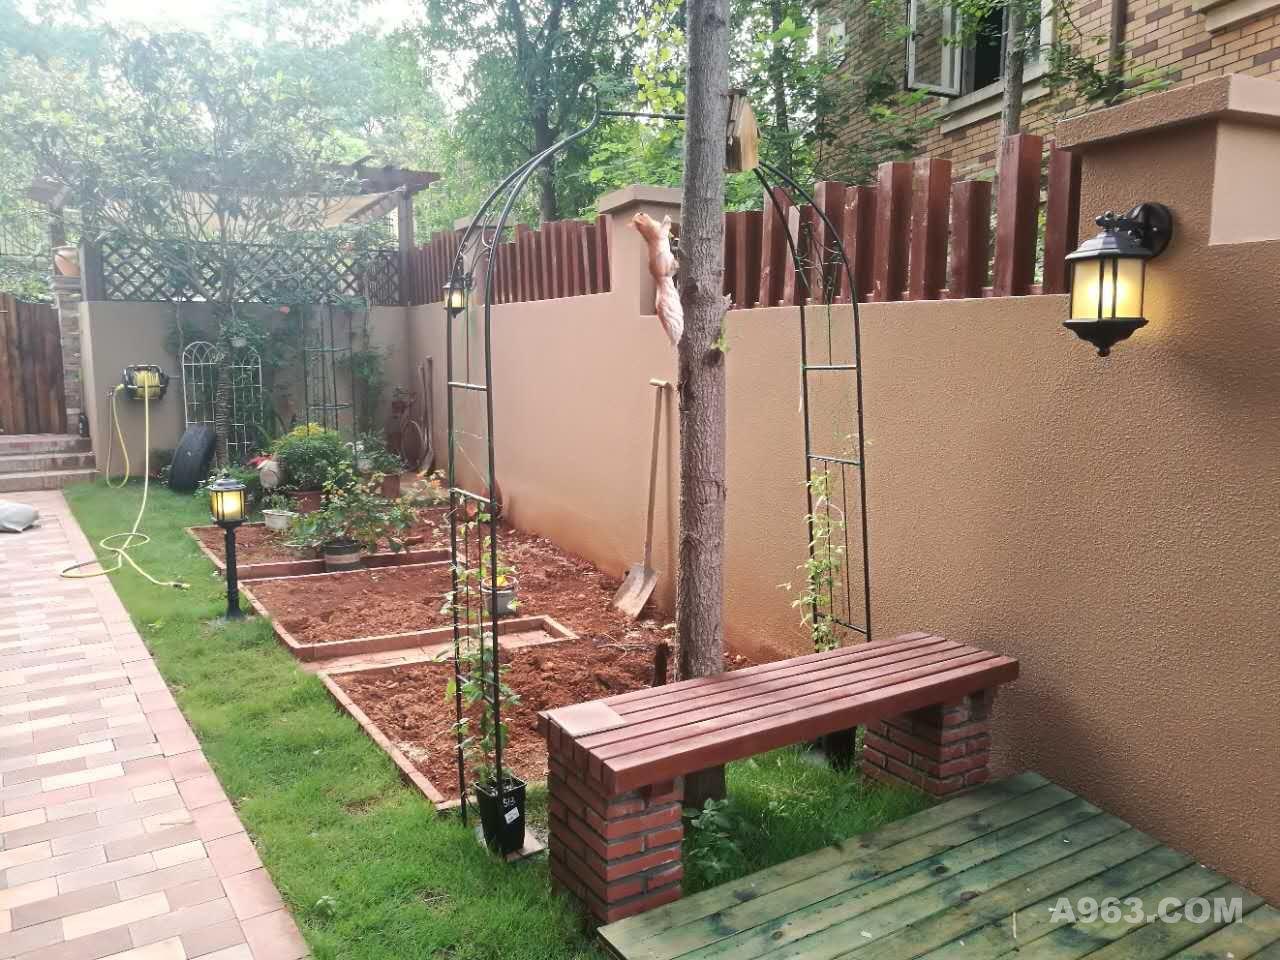 期:25天 设计说明:本案别墅花园设计为欧式田园风格,主要分为前庭后院